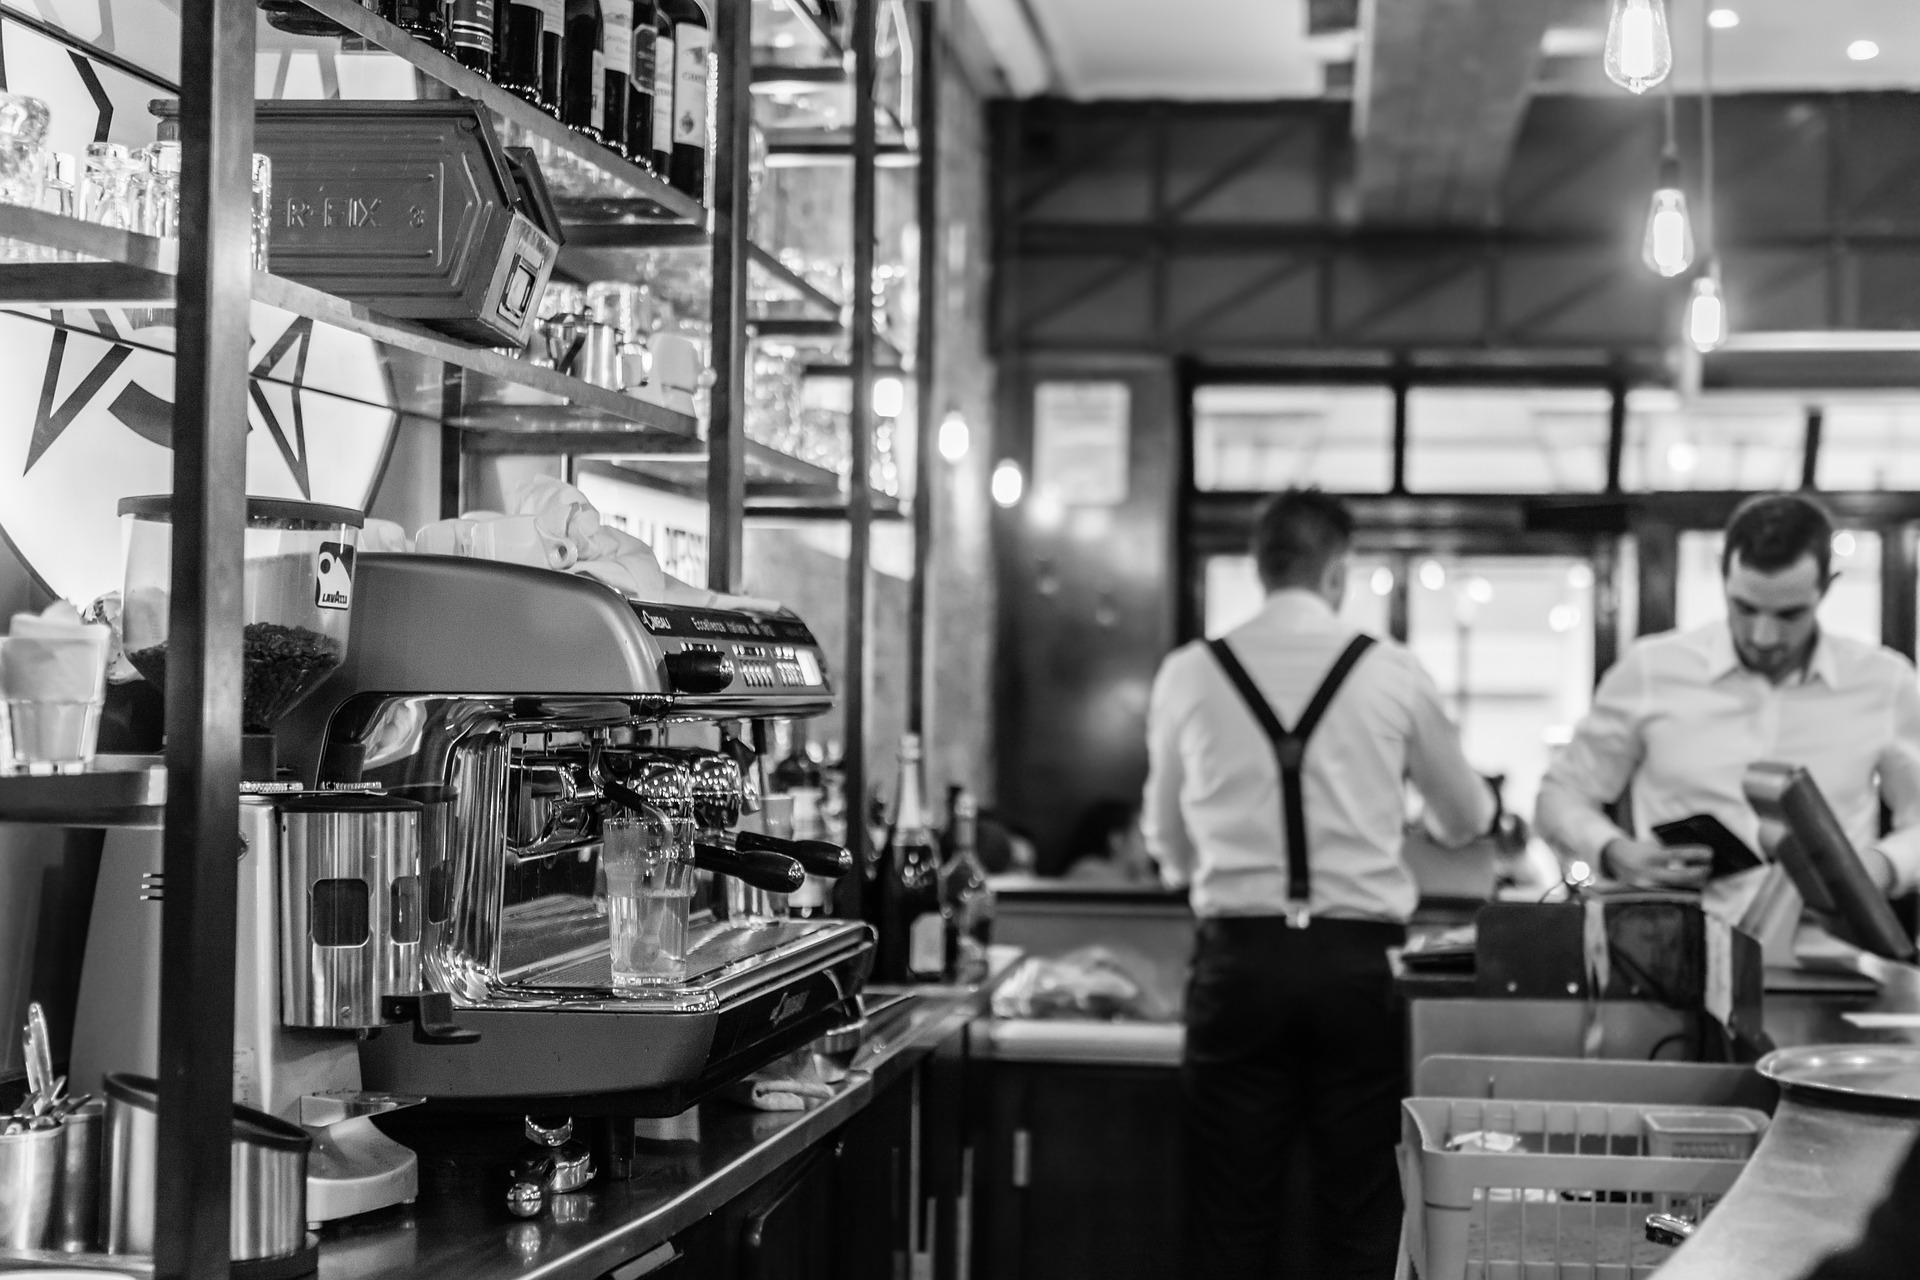 El salario mínimo alcanza los 900 euros mensuales